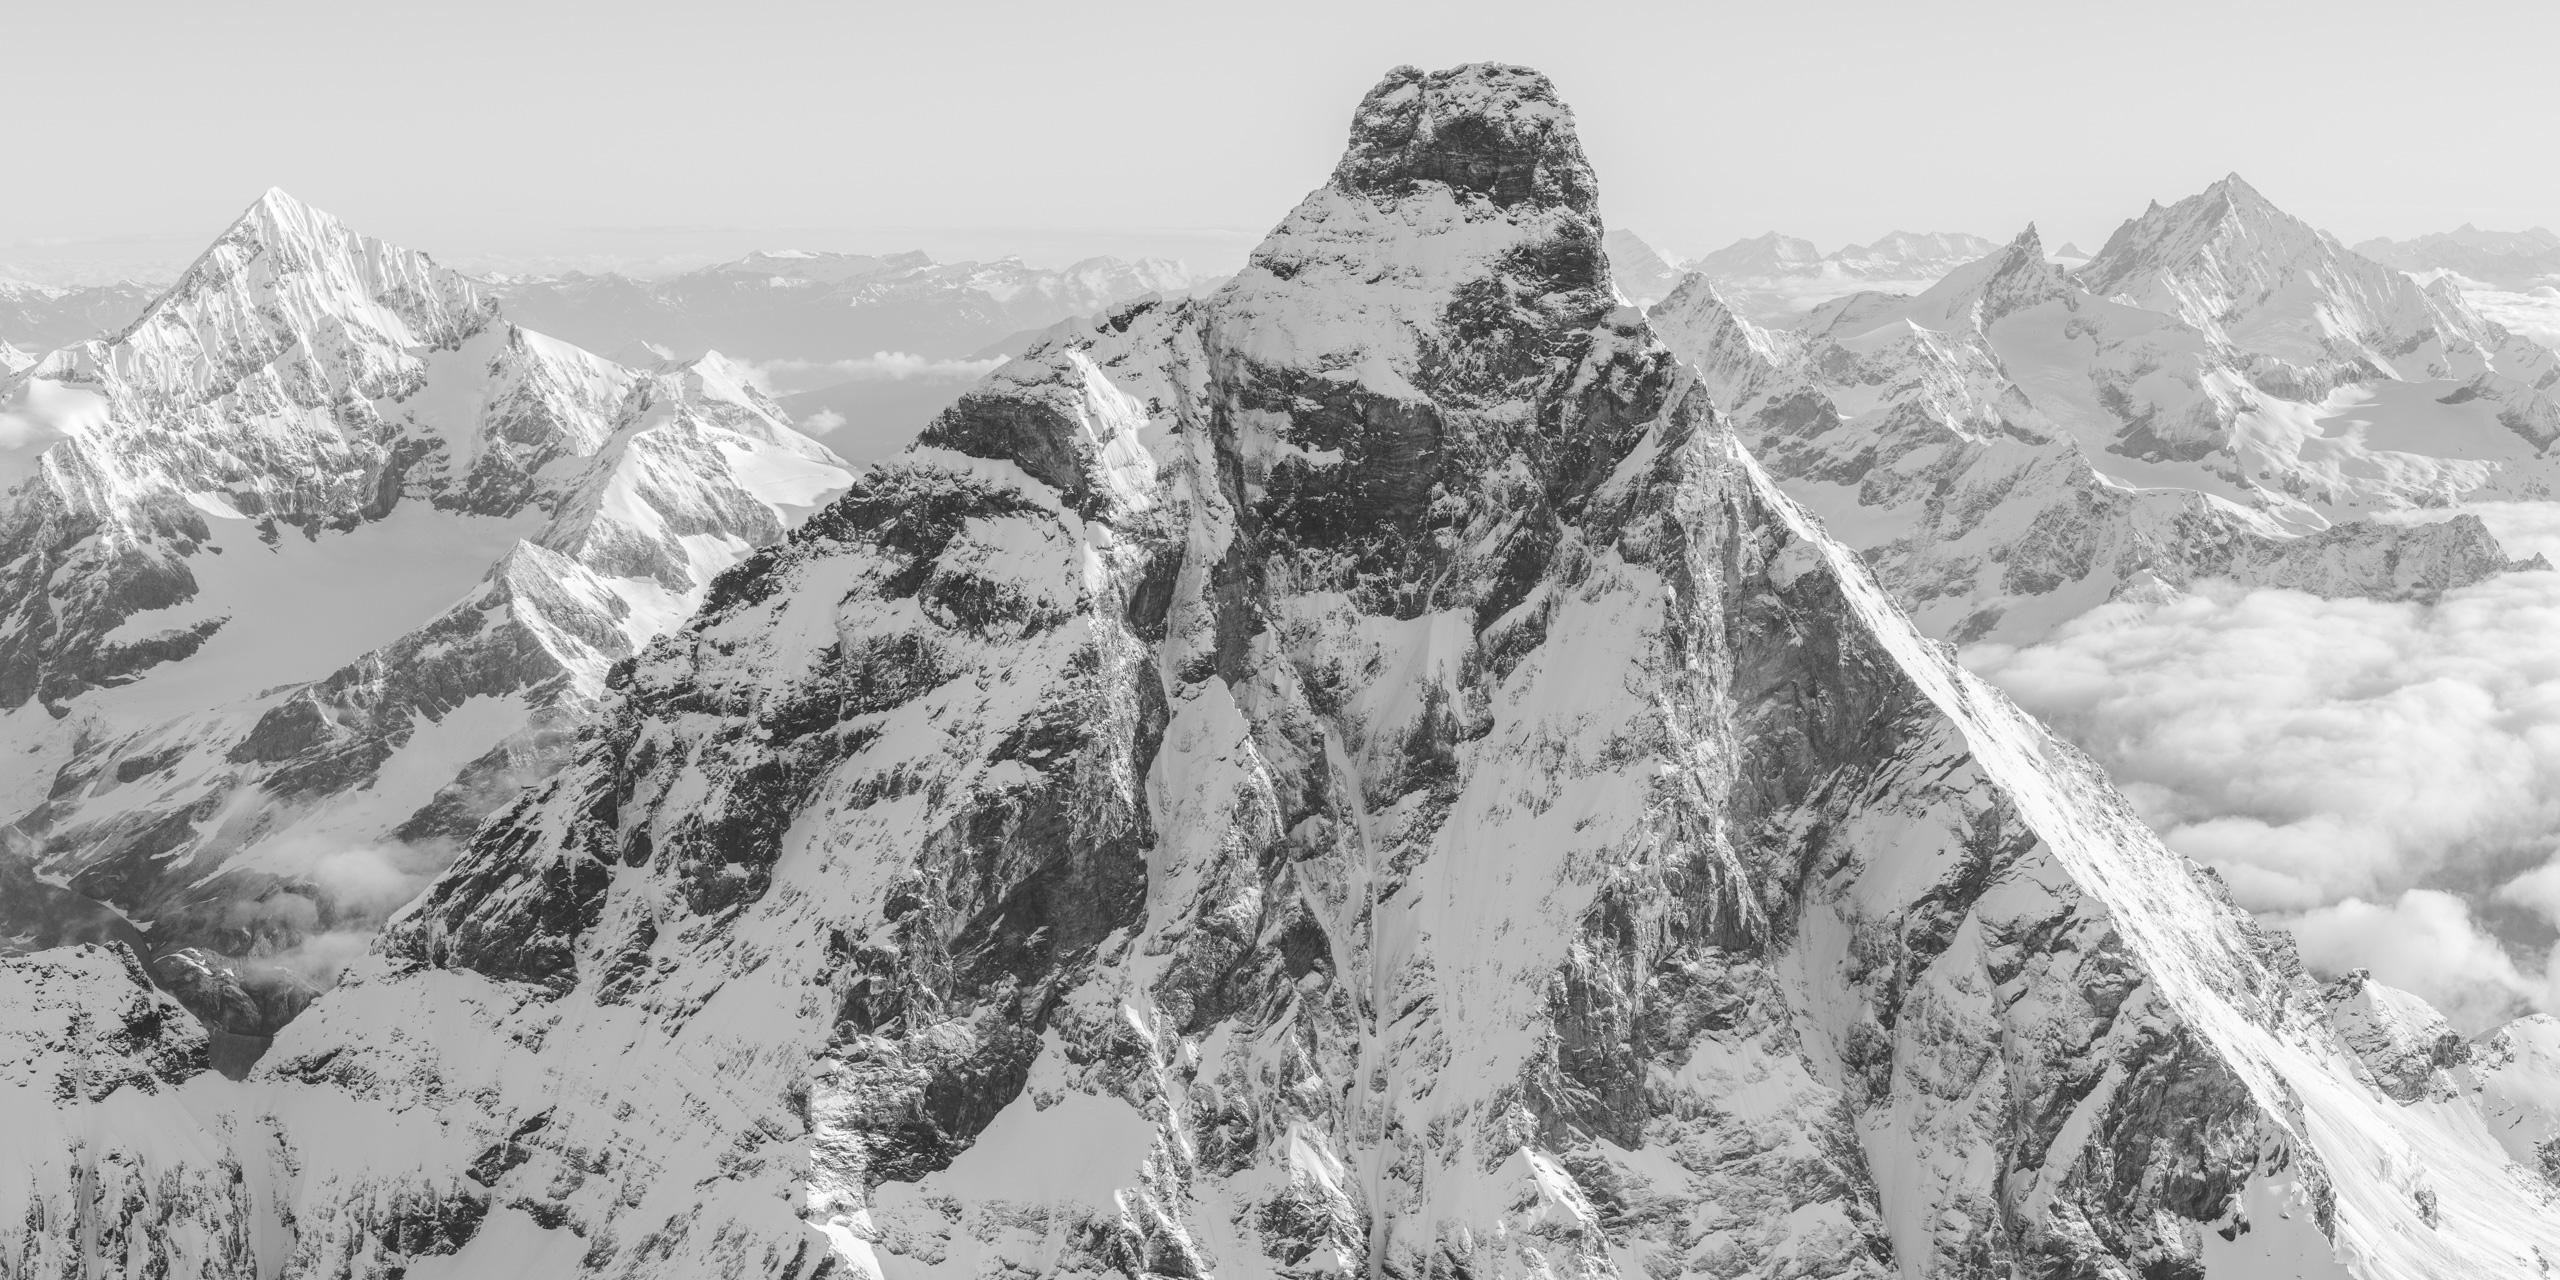 Mont Cervin Italie - Montagne panorama noir et blanc des sommets de la Dent Blanche, de l'Obergabelhorn, du Zinalrothorn et du Weisshorn